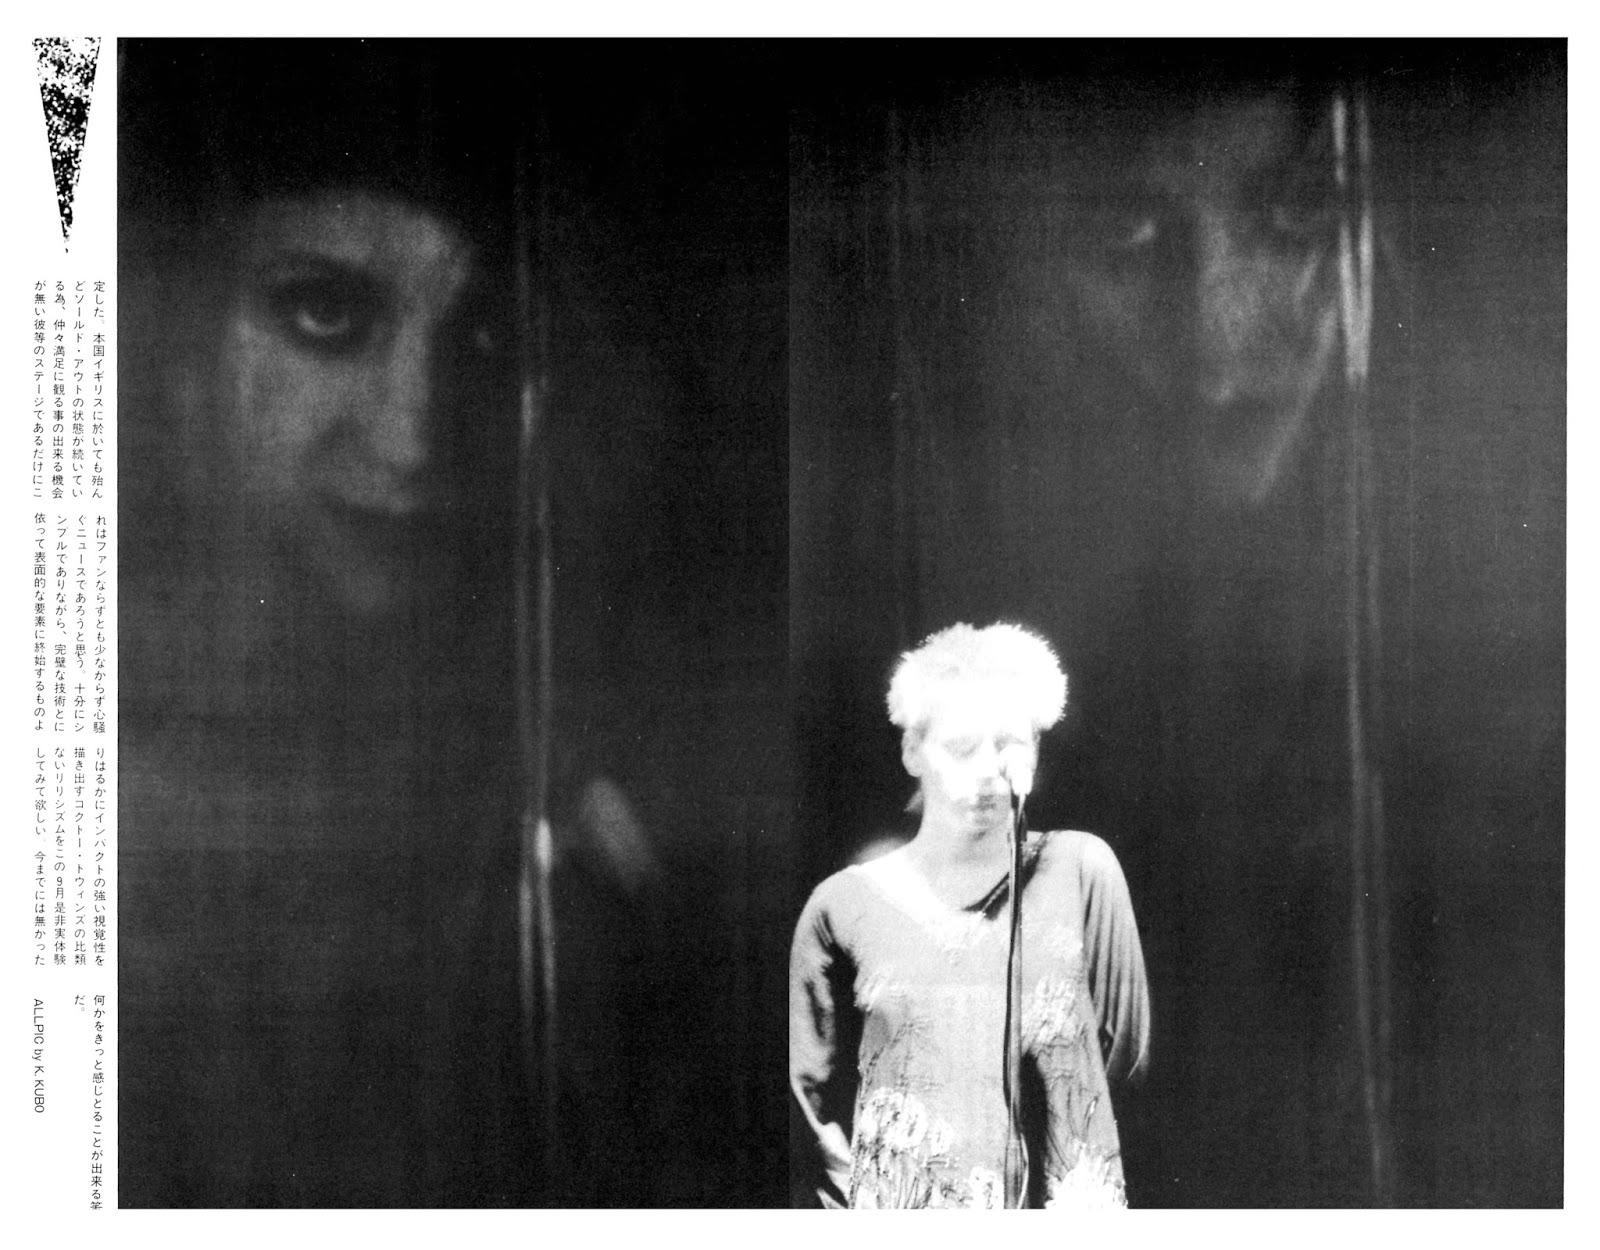 Lansure S Music Paraphernalia Cocteau Twins Elizabeth